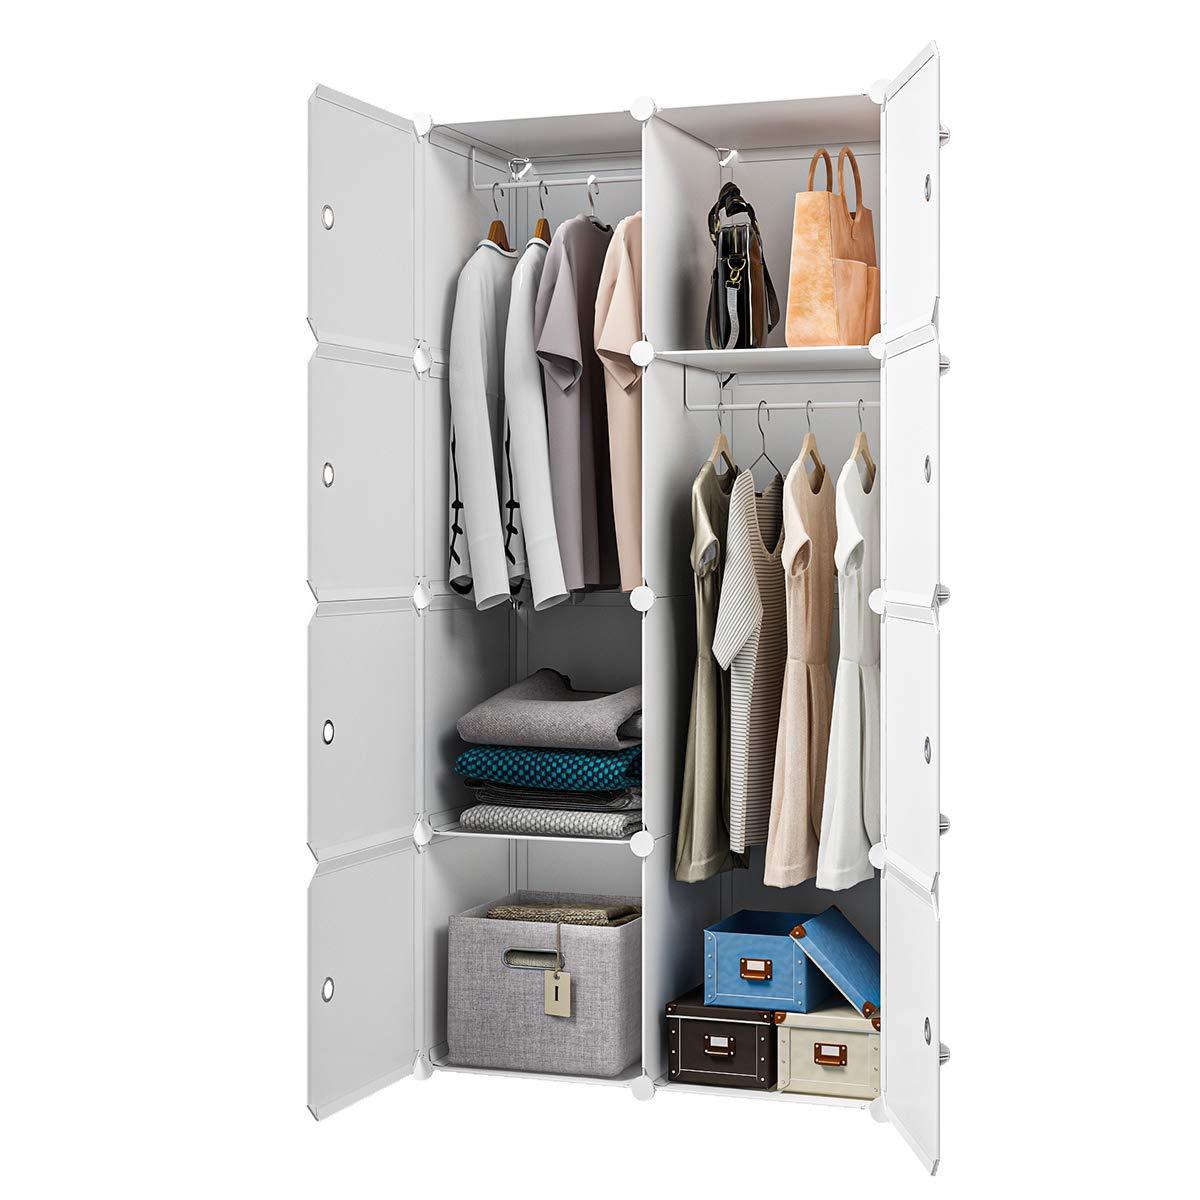 KOUSI Portable Closet Wardrobe Closet Room Closet with Doors Wardrobe with Storage Wardrobes for Bedrooms Portable Closet Wardrobe Bedroom Armoire, White, 2 Hanger by KOUSI